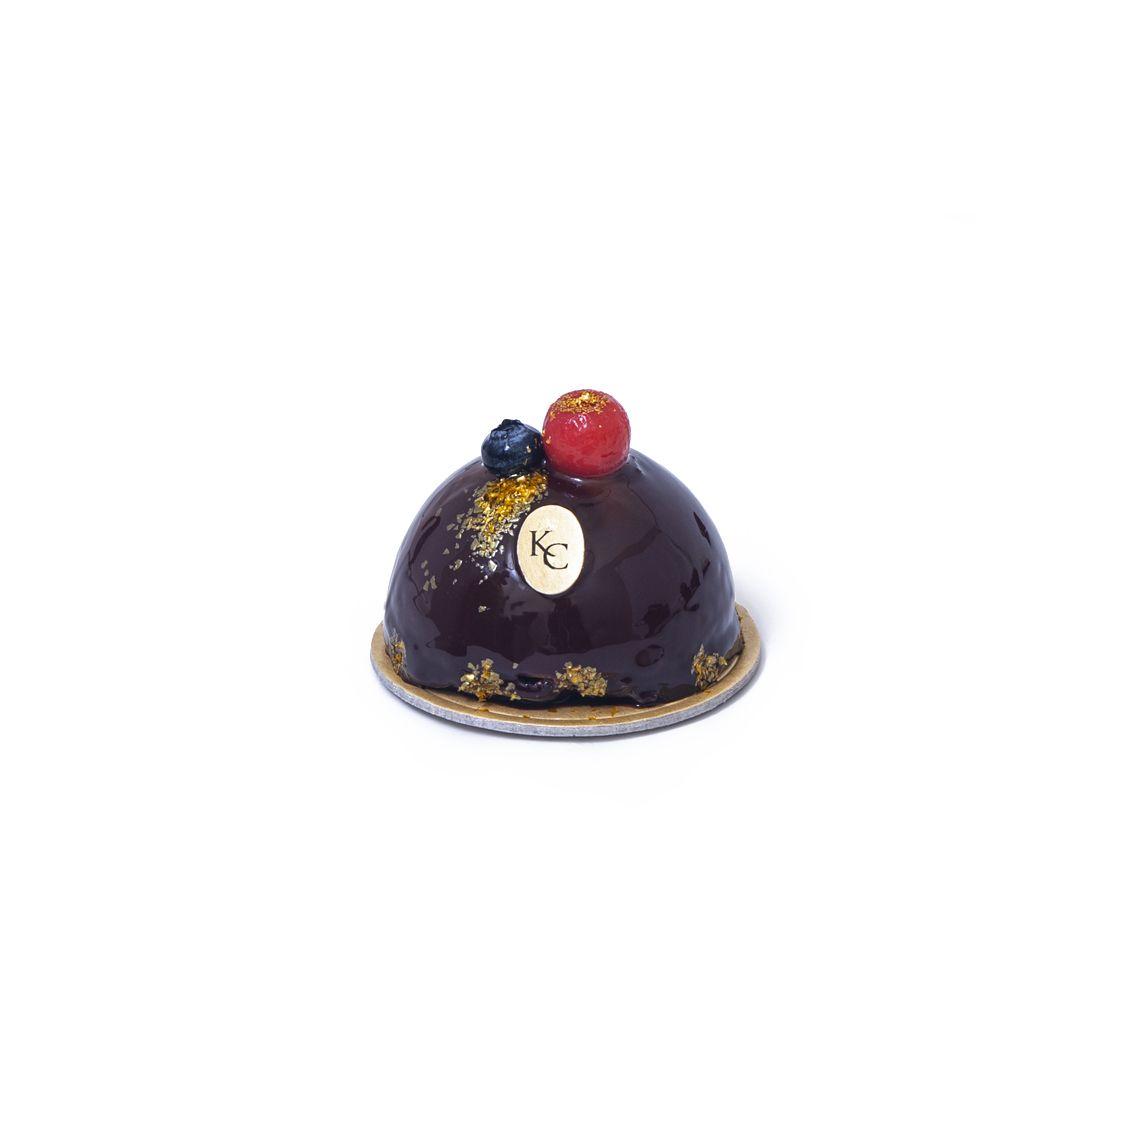 Kitchen Cuisine Default Category Dulce de Leche Chocolate Mousse Bombe